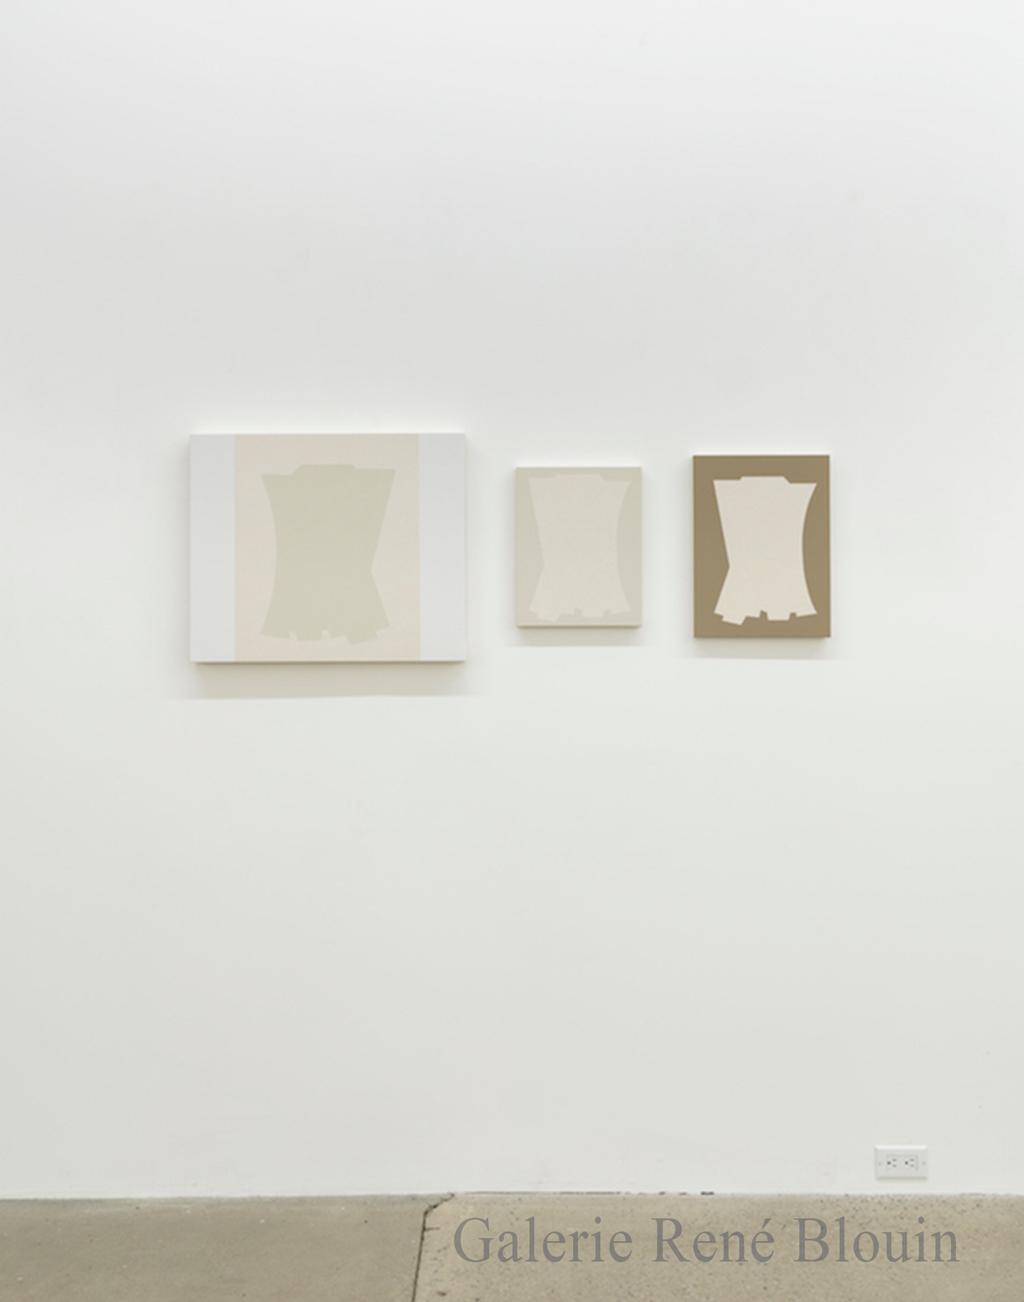 Daniel Langevin, Lot (508609_BD_WH), 2017, Acrylique sur toile, 50,8 x 60,9 cm / 20 x 24 pouces // Lot (508406_BE_BR), 2017, Acrylique sur toile, 35,5 x 27,9 cm / 14 x 11 pouces // Lot (406304_DK_BR), 2017, Acrylique sur toile, 40,6 x 30,4 cm / 16 x 12 pouces